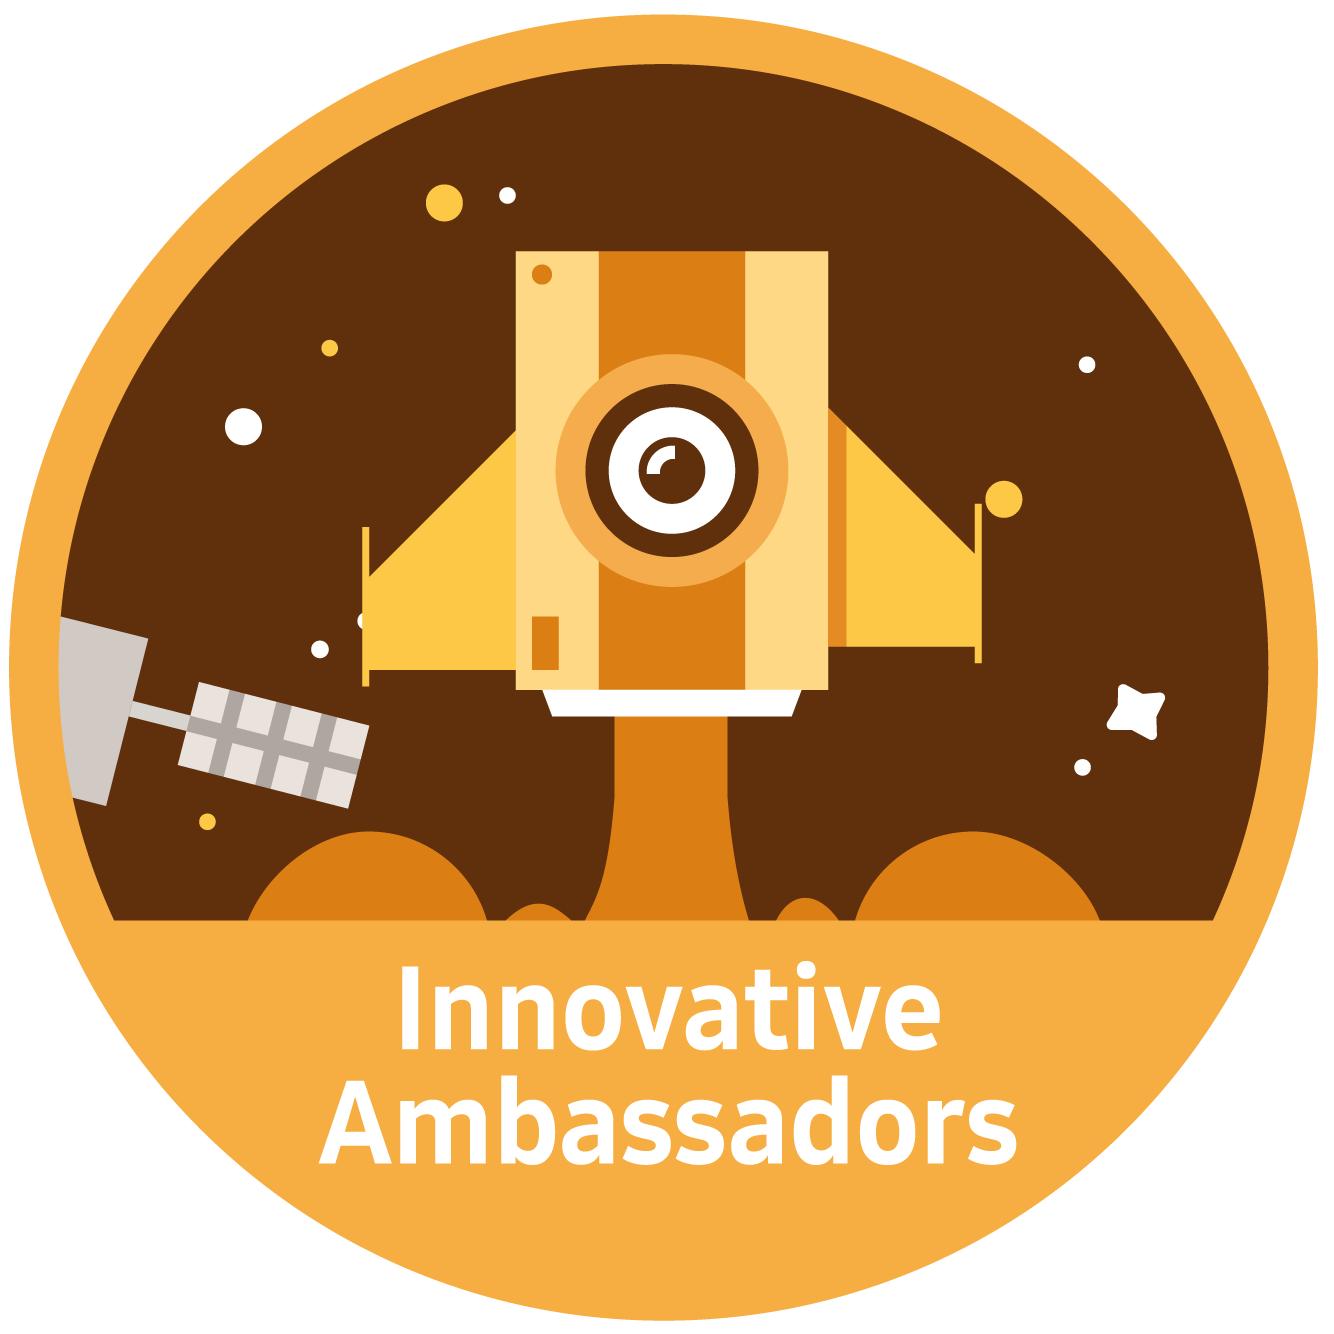 Innovative Ambassador